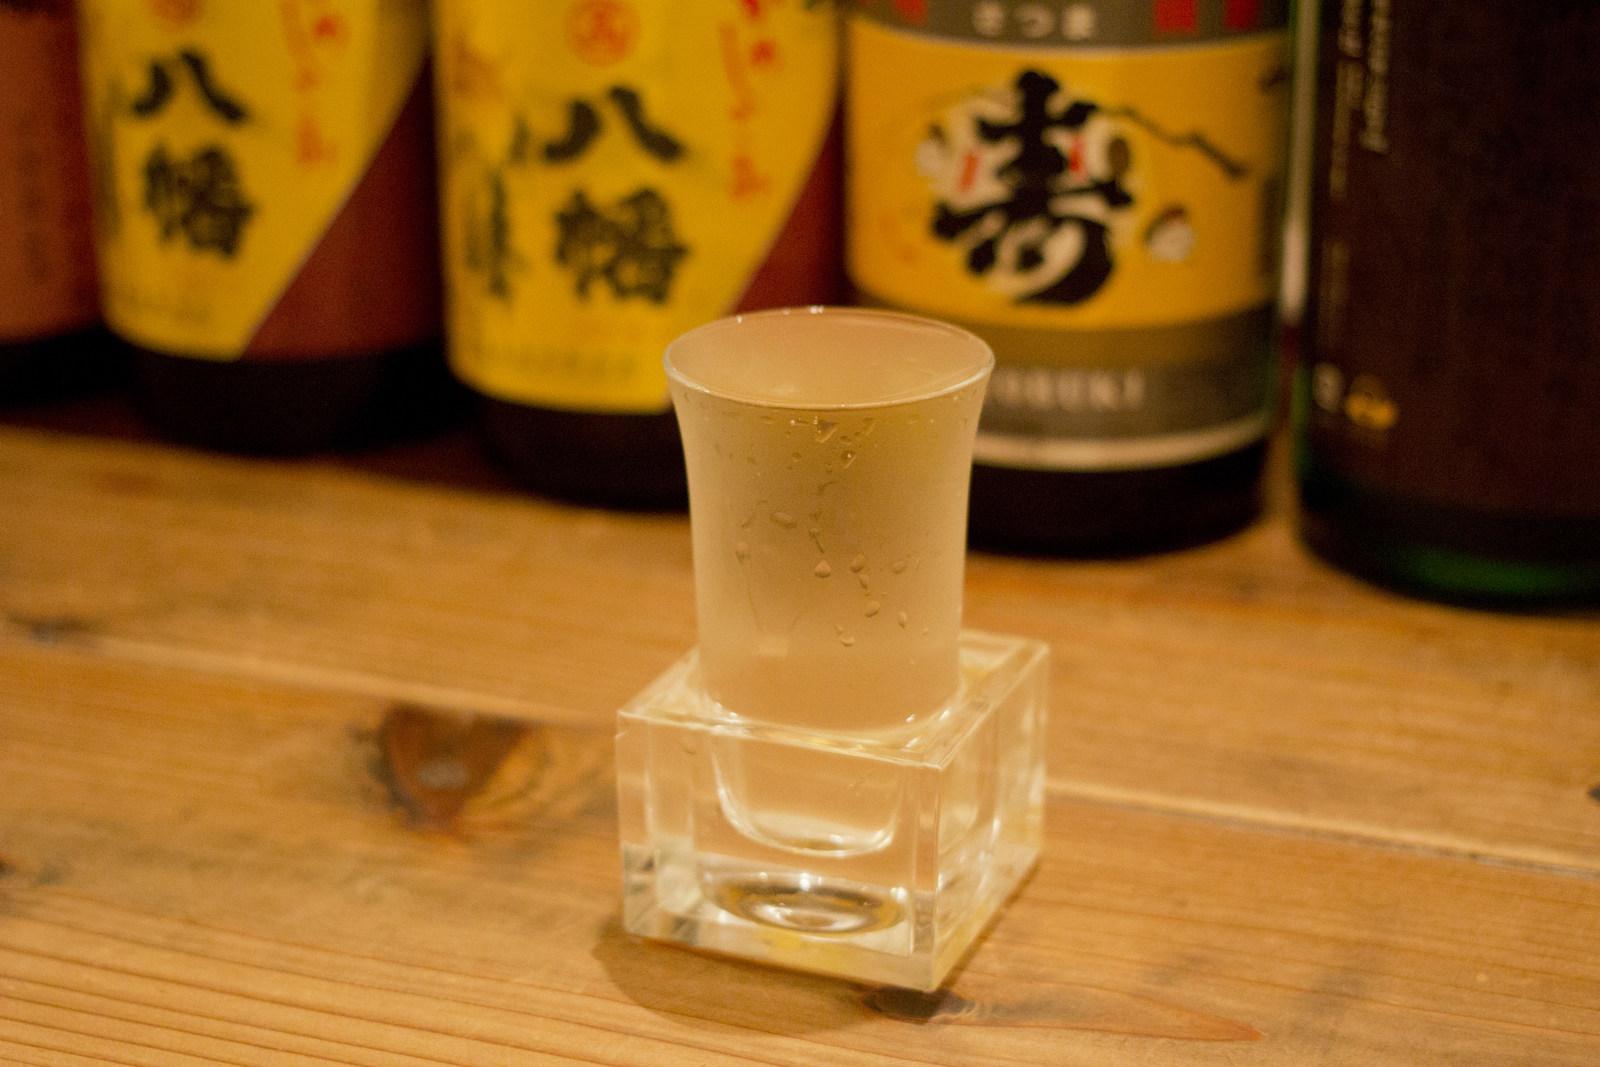 2杯目は「上槽中汲(じょうそうなかくみ)純米無ろか生原酒」。透明の枡が粋です